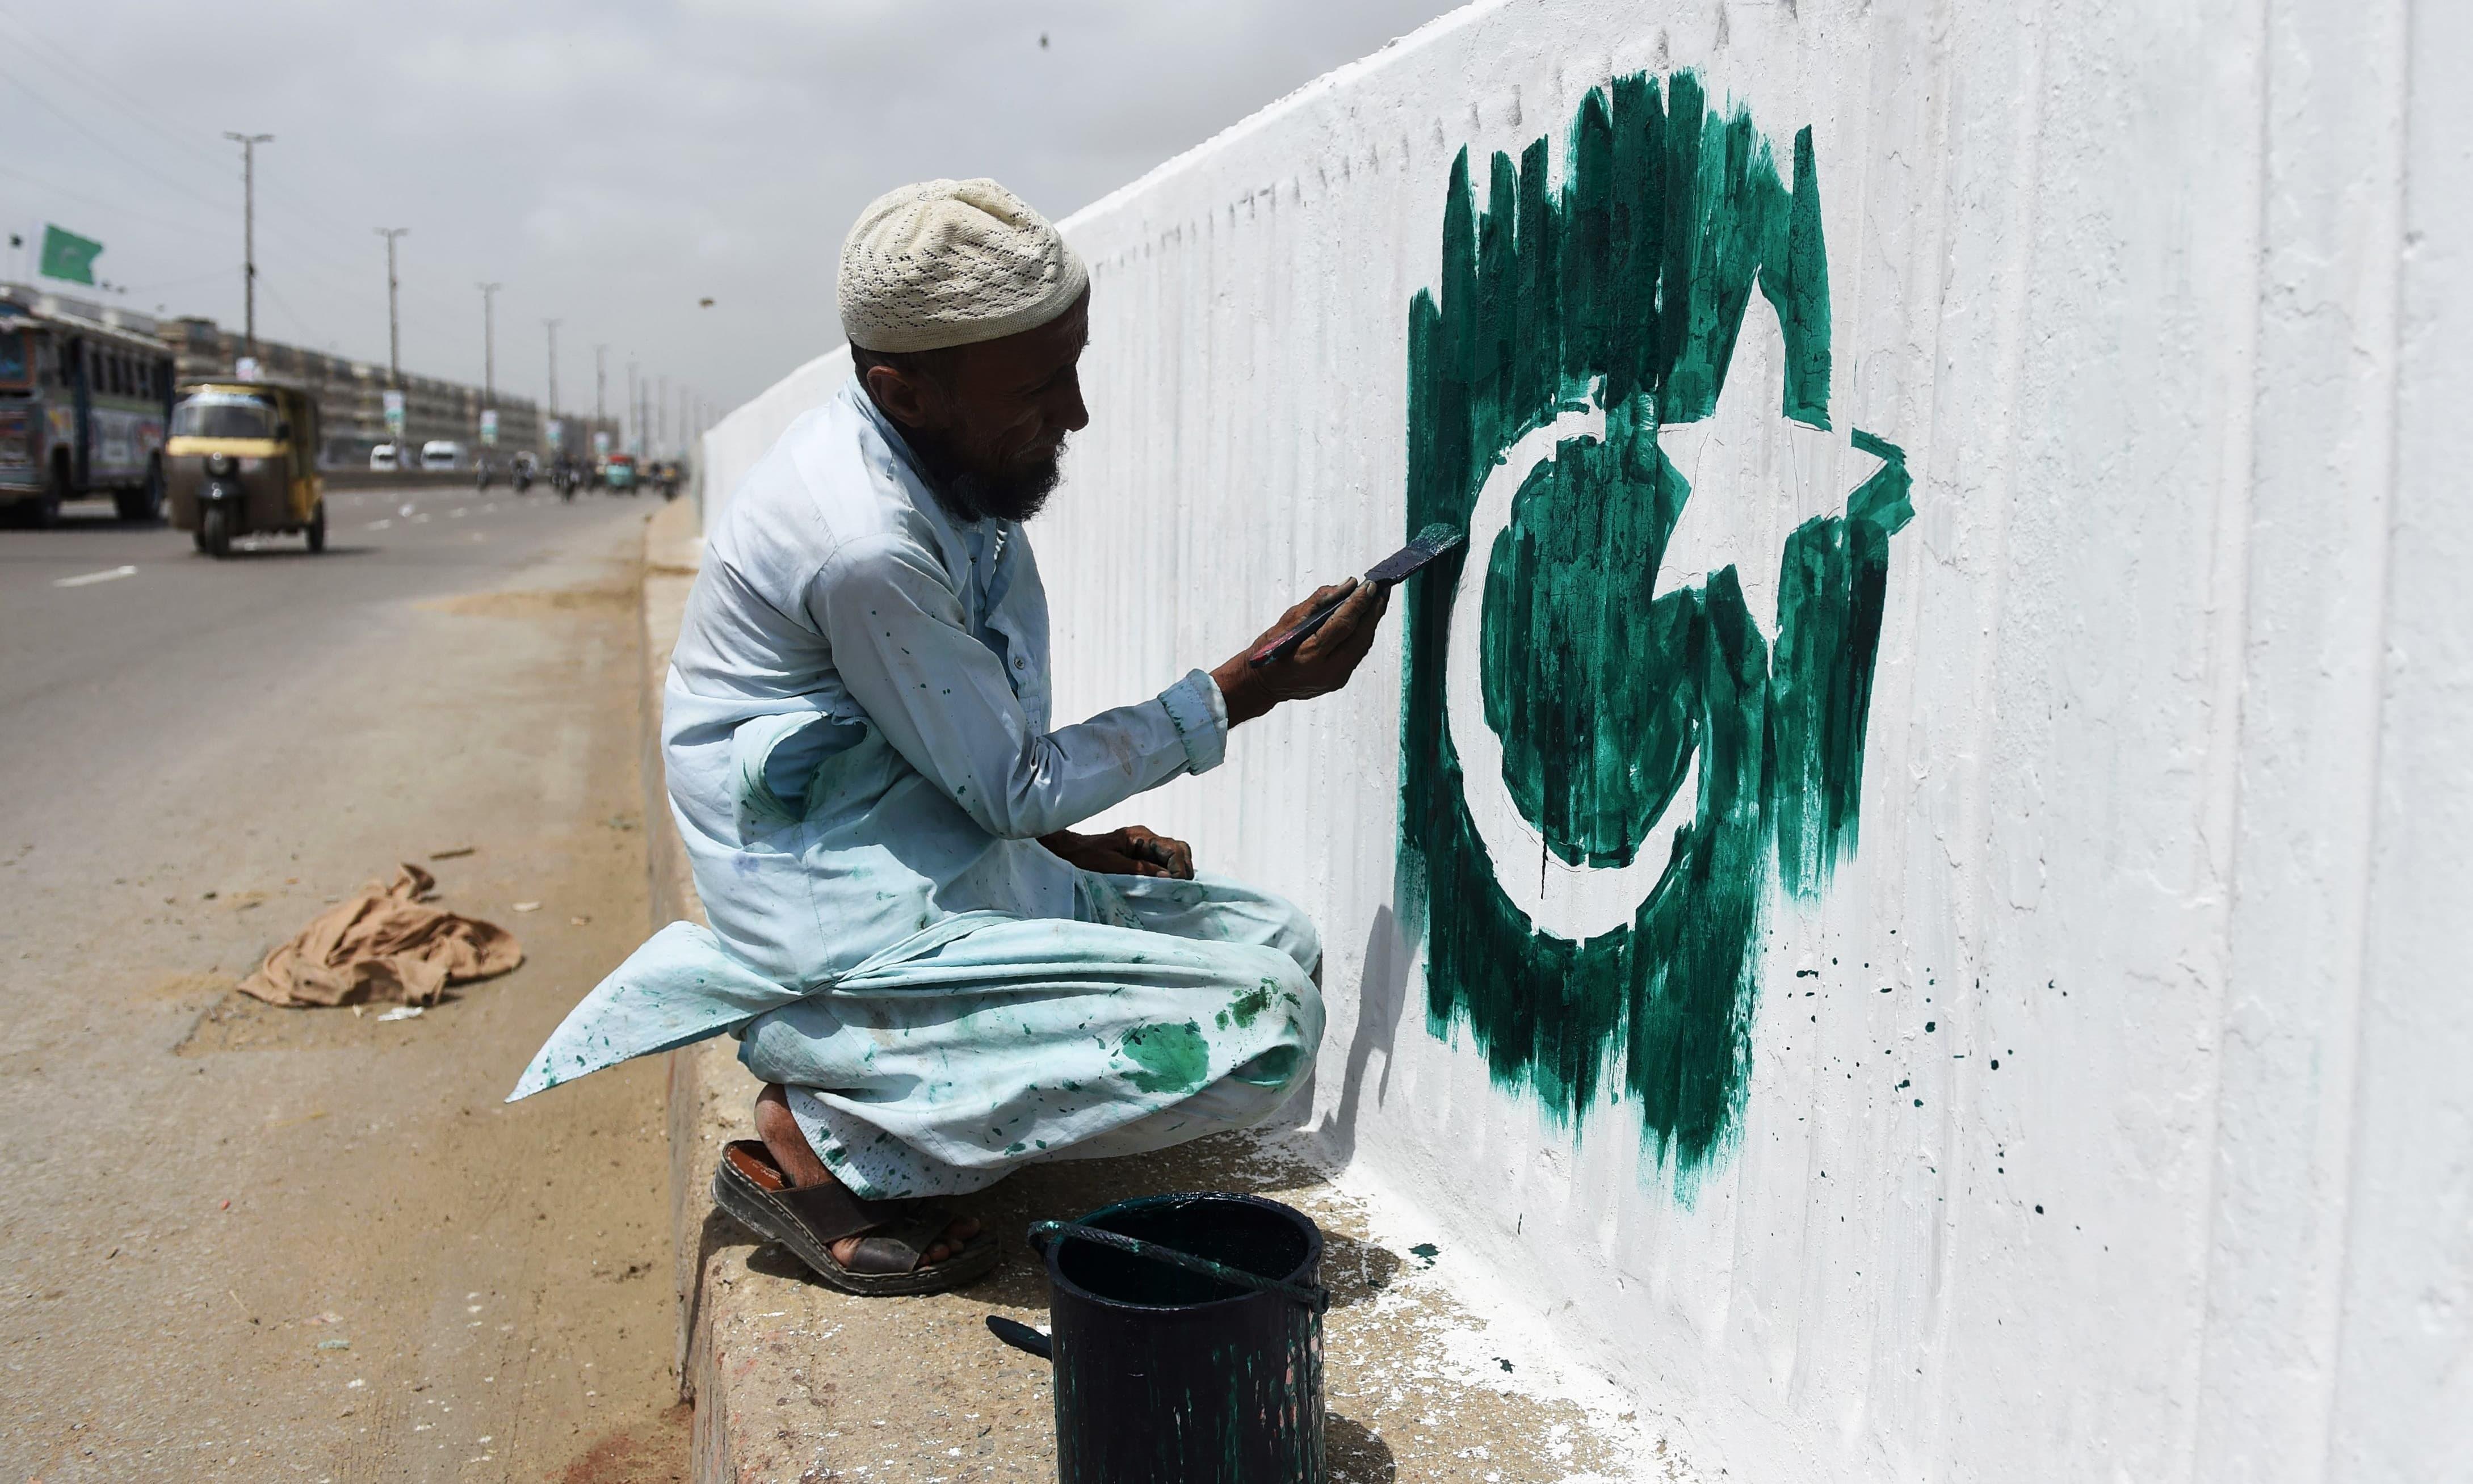 یوم آزادی سے قبل کراچی میں ایک شخص دیوار پر پاکستان کا پرچم پینٹ کر رہا ہے — فوٹو: اے ایف پی